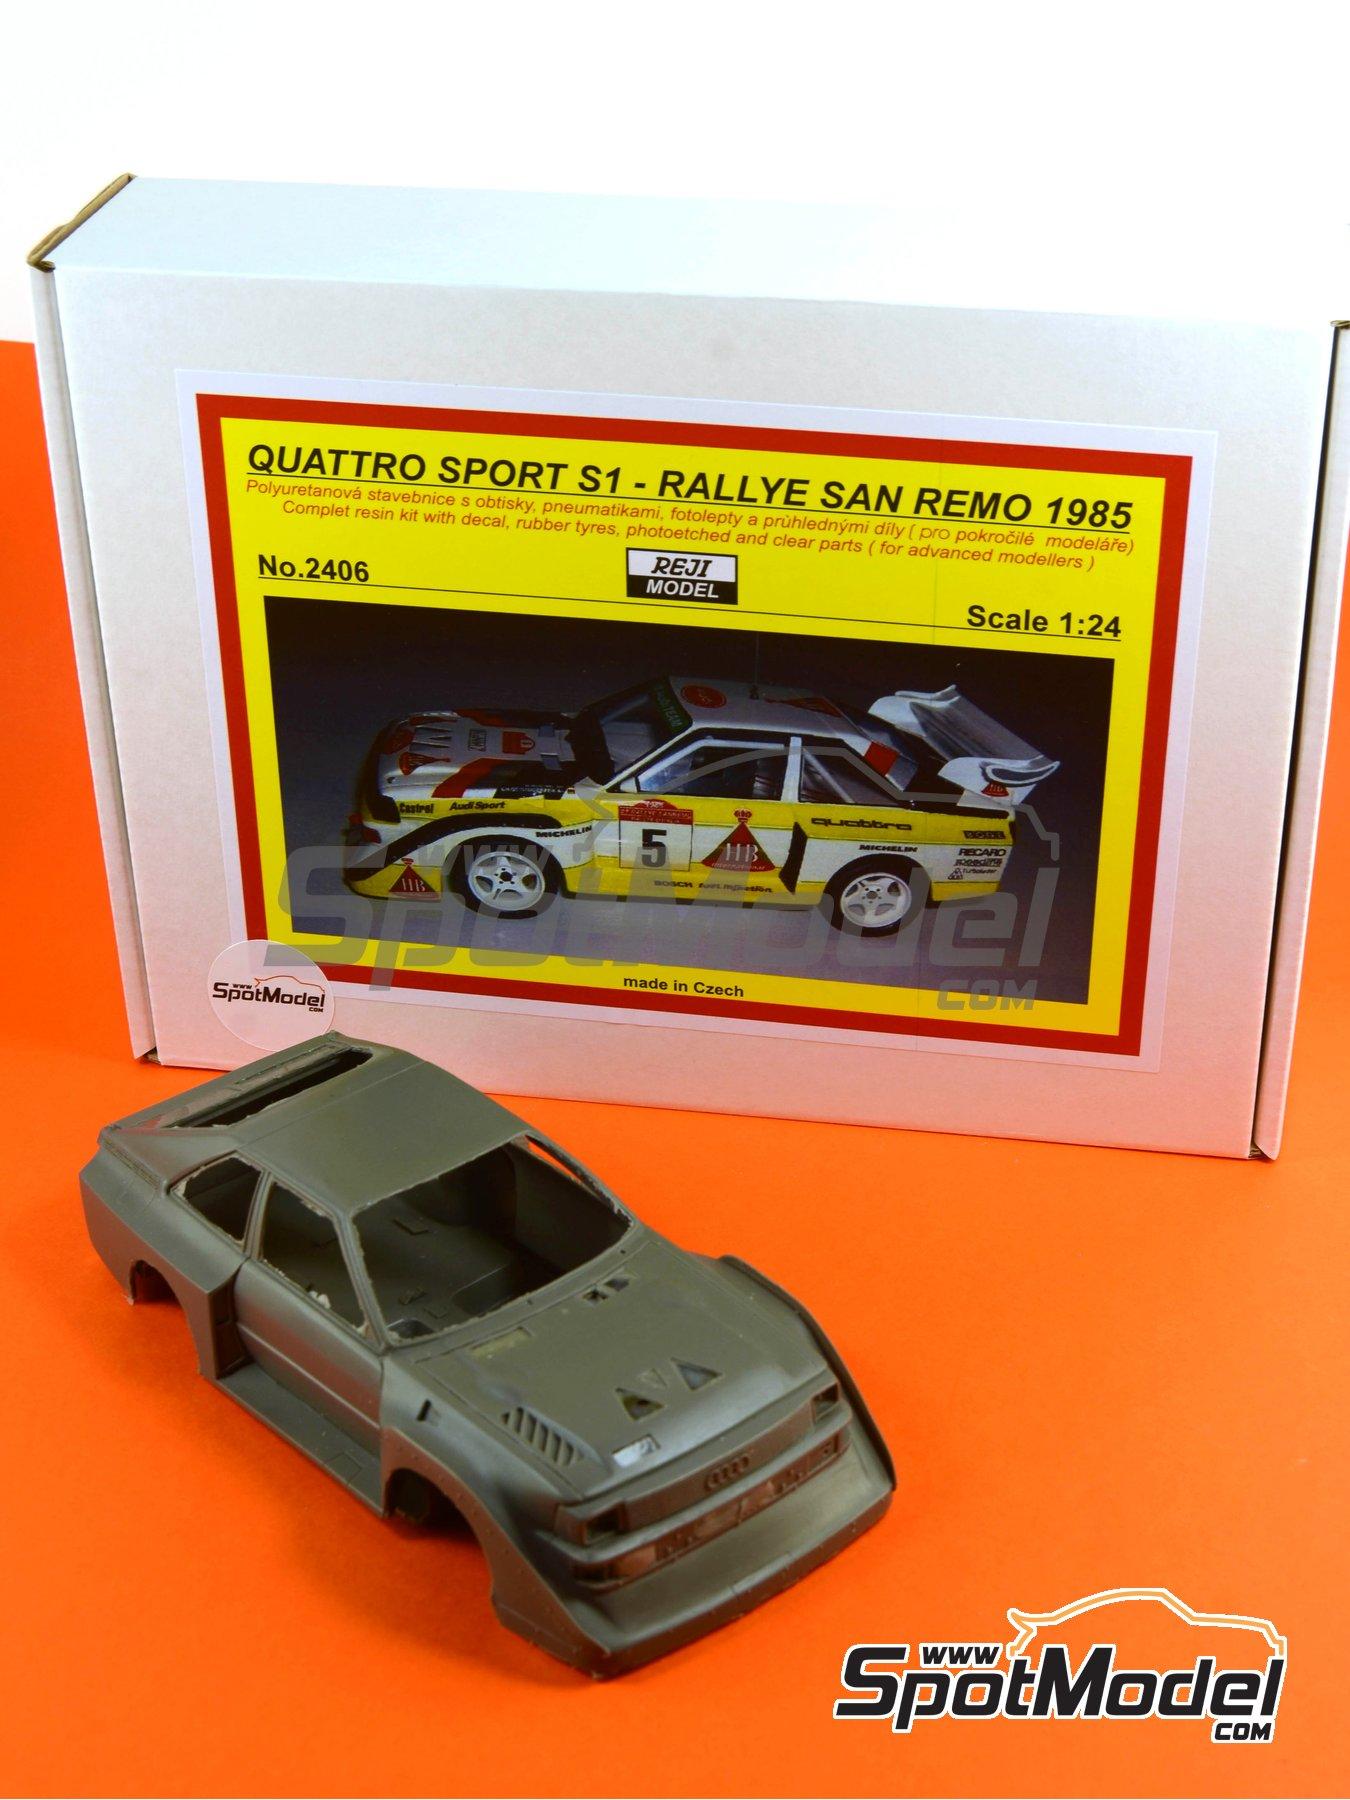 Audi Quattro Sport S1 HB - Montecarlo Rally - Rallye Automobile de Monte-Carlo, Sanremo Rally 1985 and 1986   Model car kit in 1/24 scale manufactured by Reji Model (ref.REJI-2406, also 2406) image